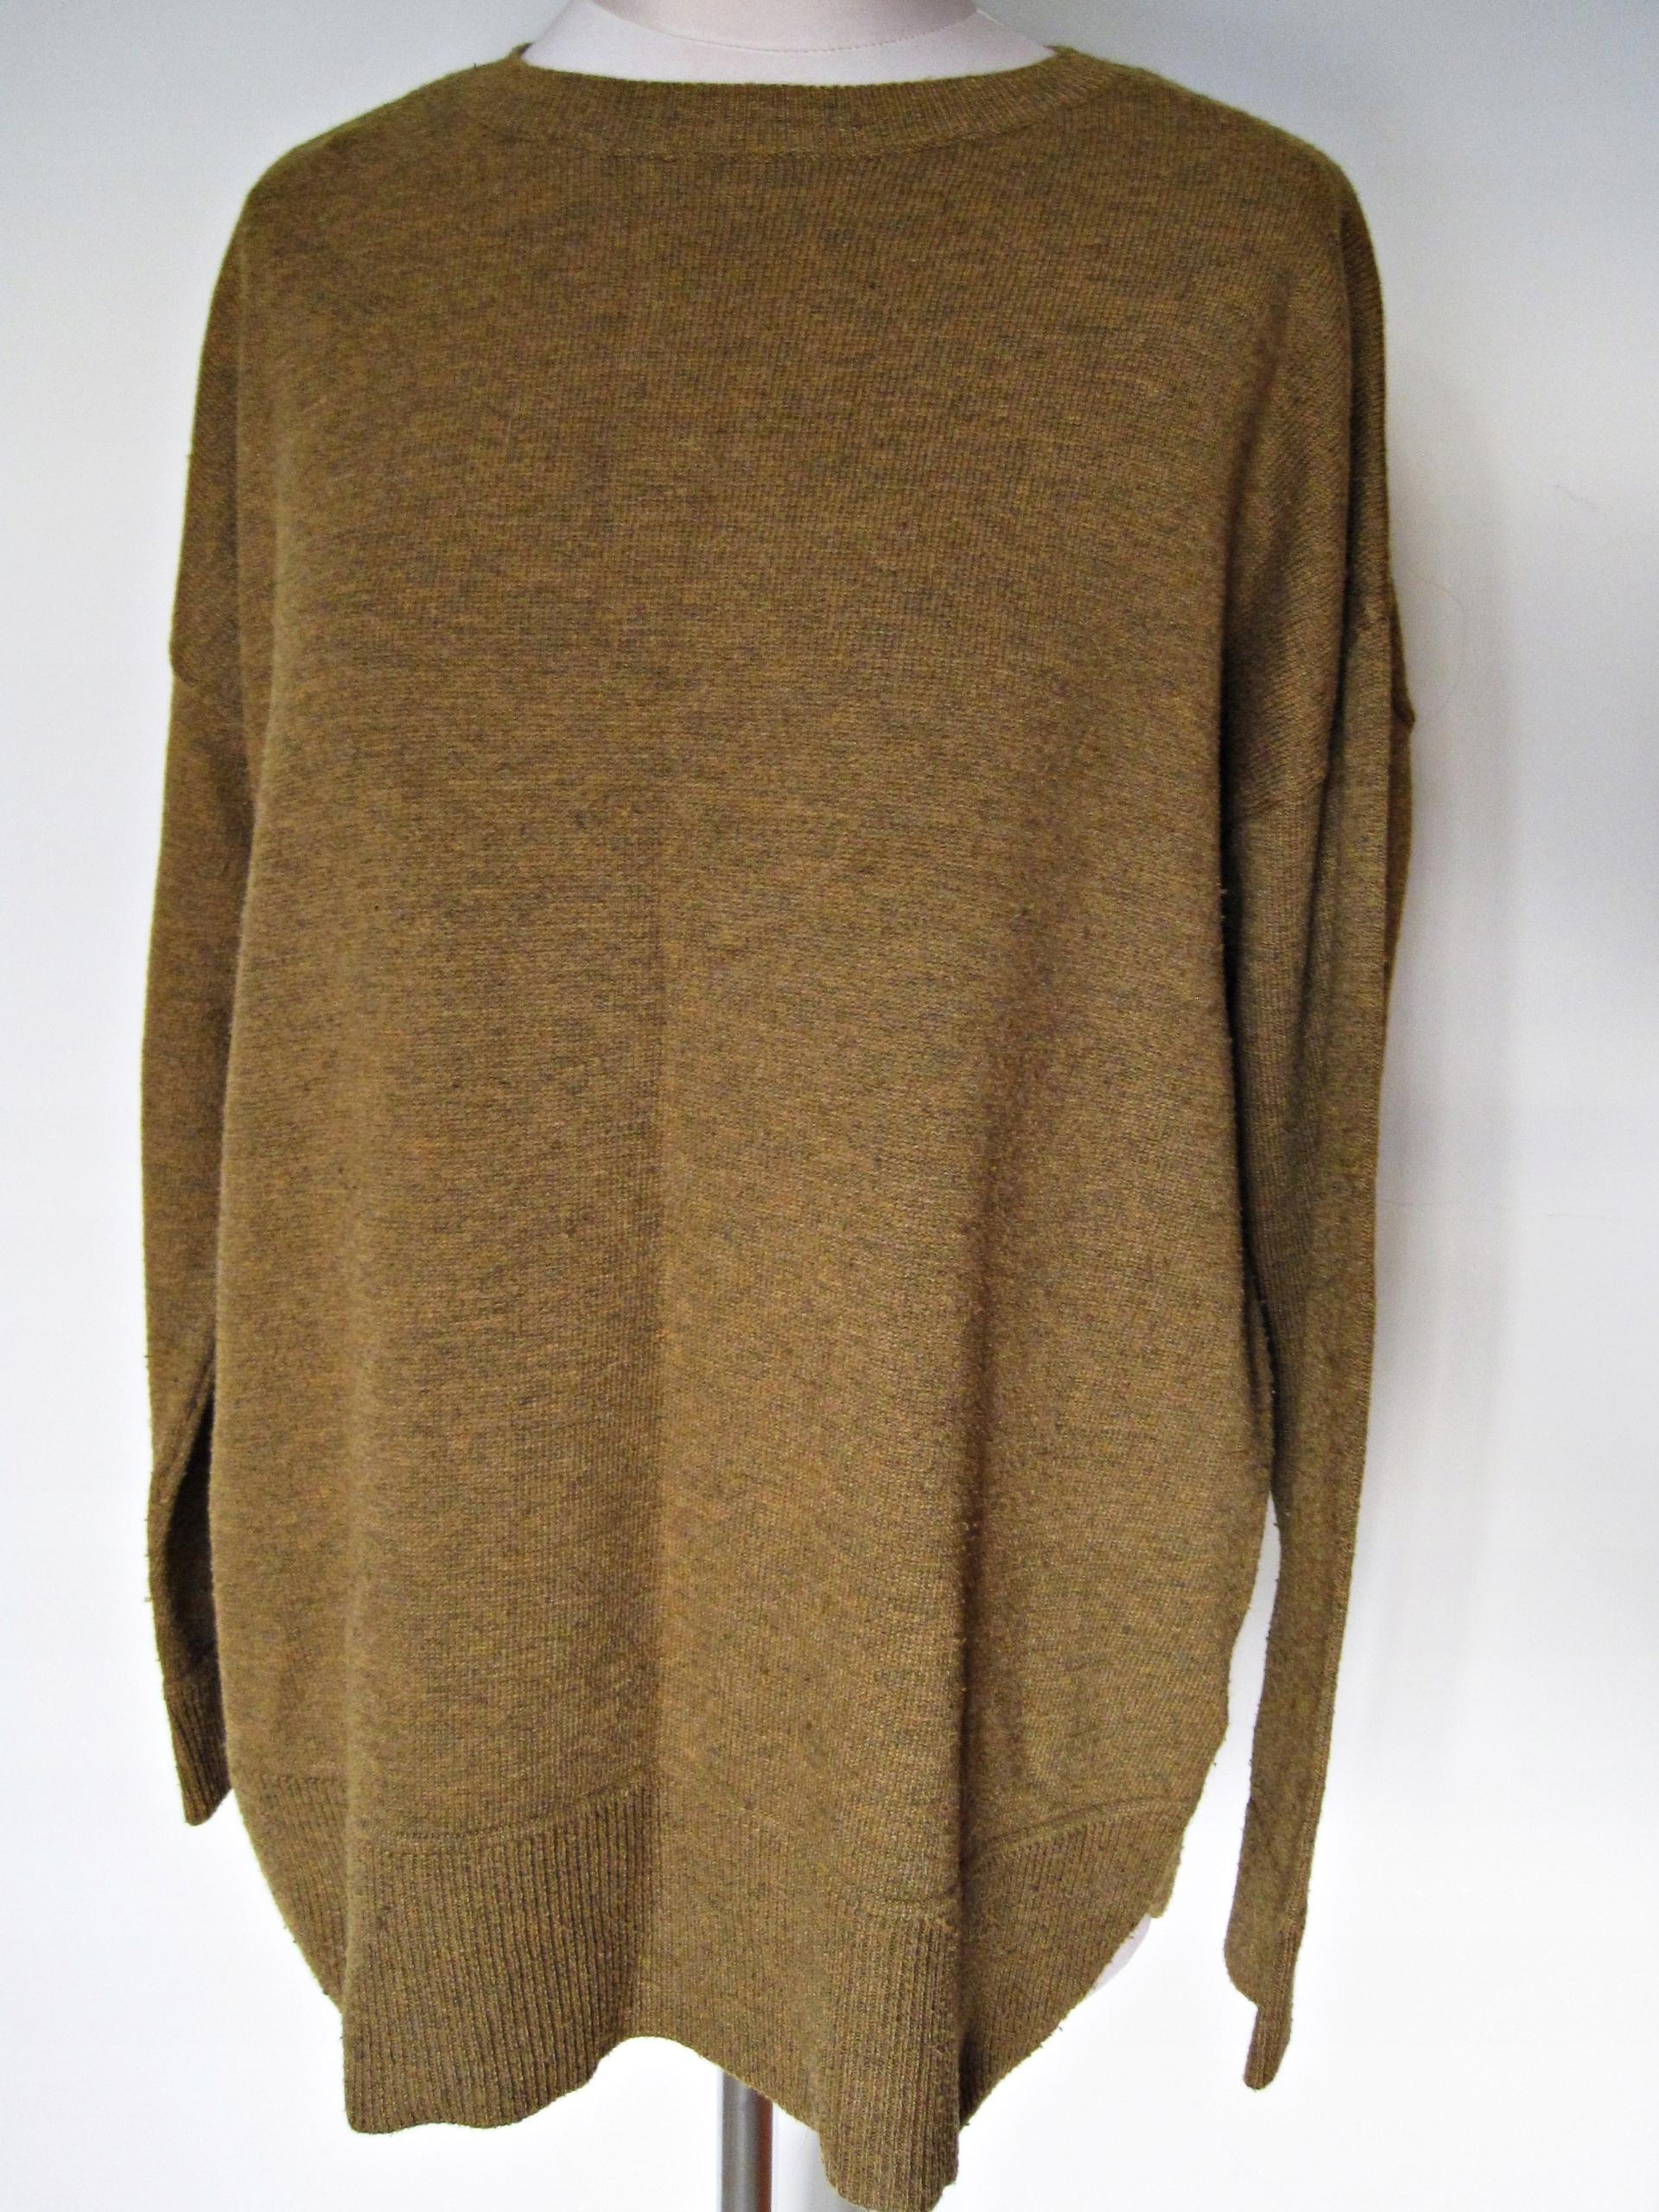 Sweter H&M miodowy/musztardowy oversize L